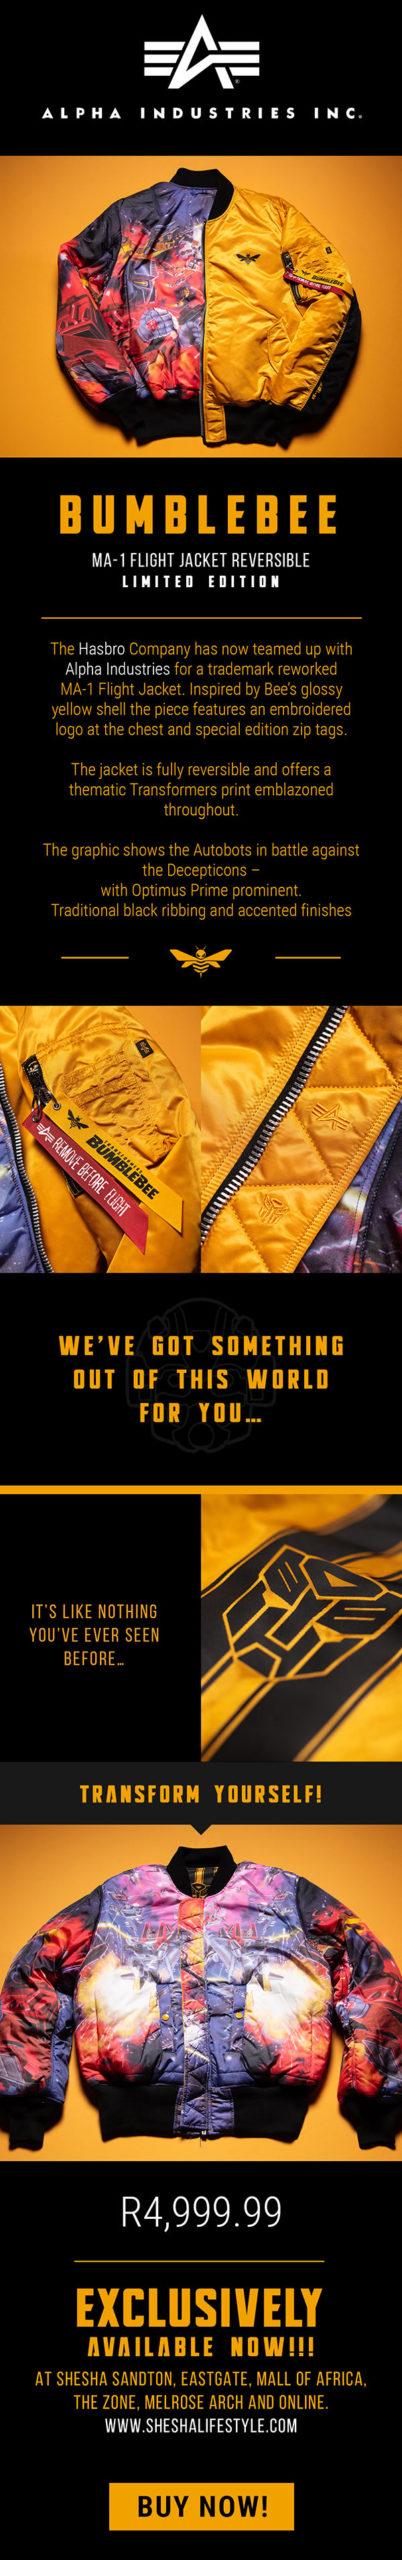 Shesha lifetyle Newsletter Jacket Bumble bee Promotion